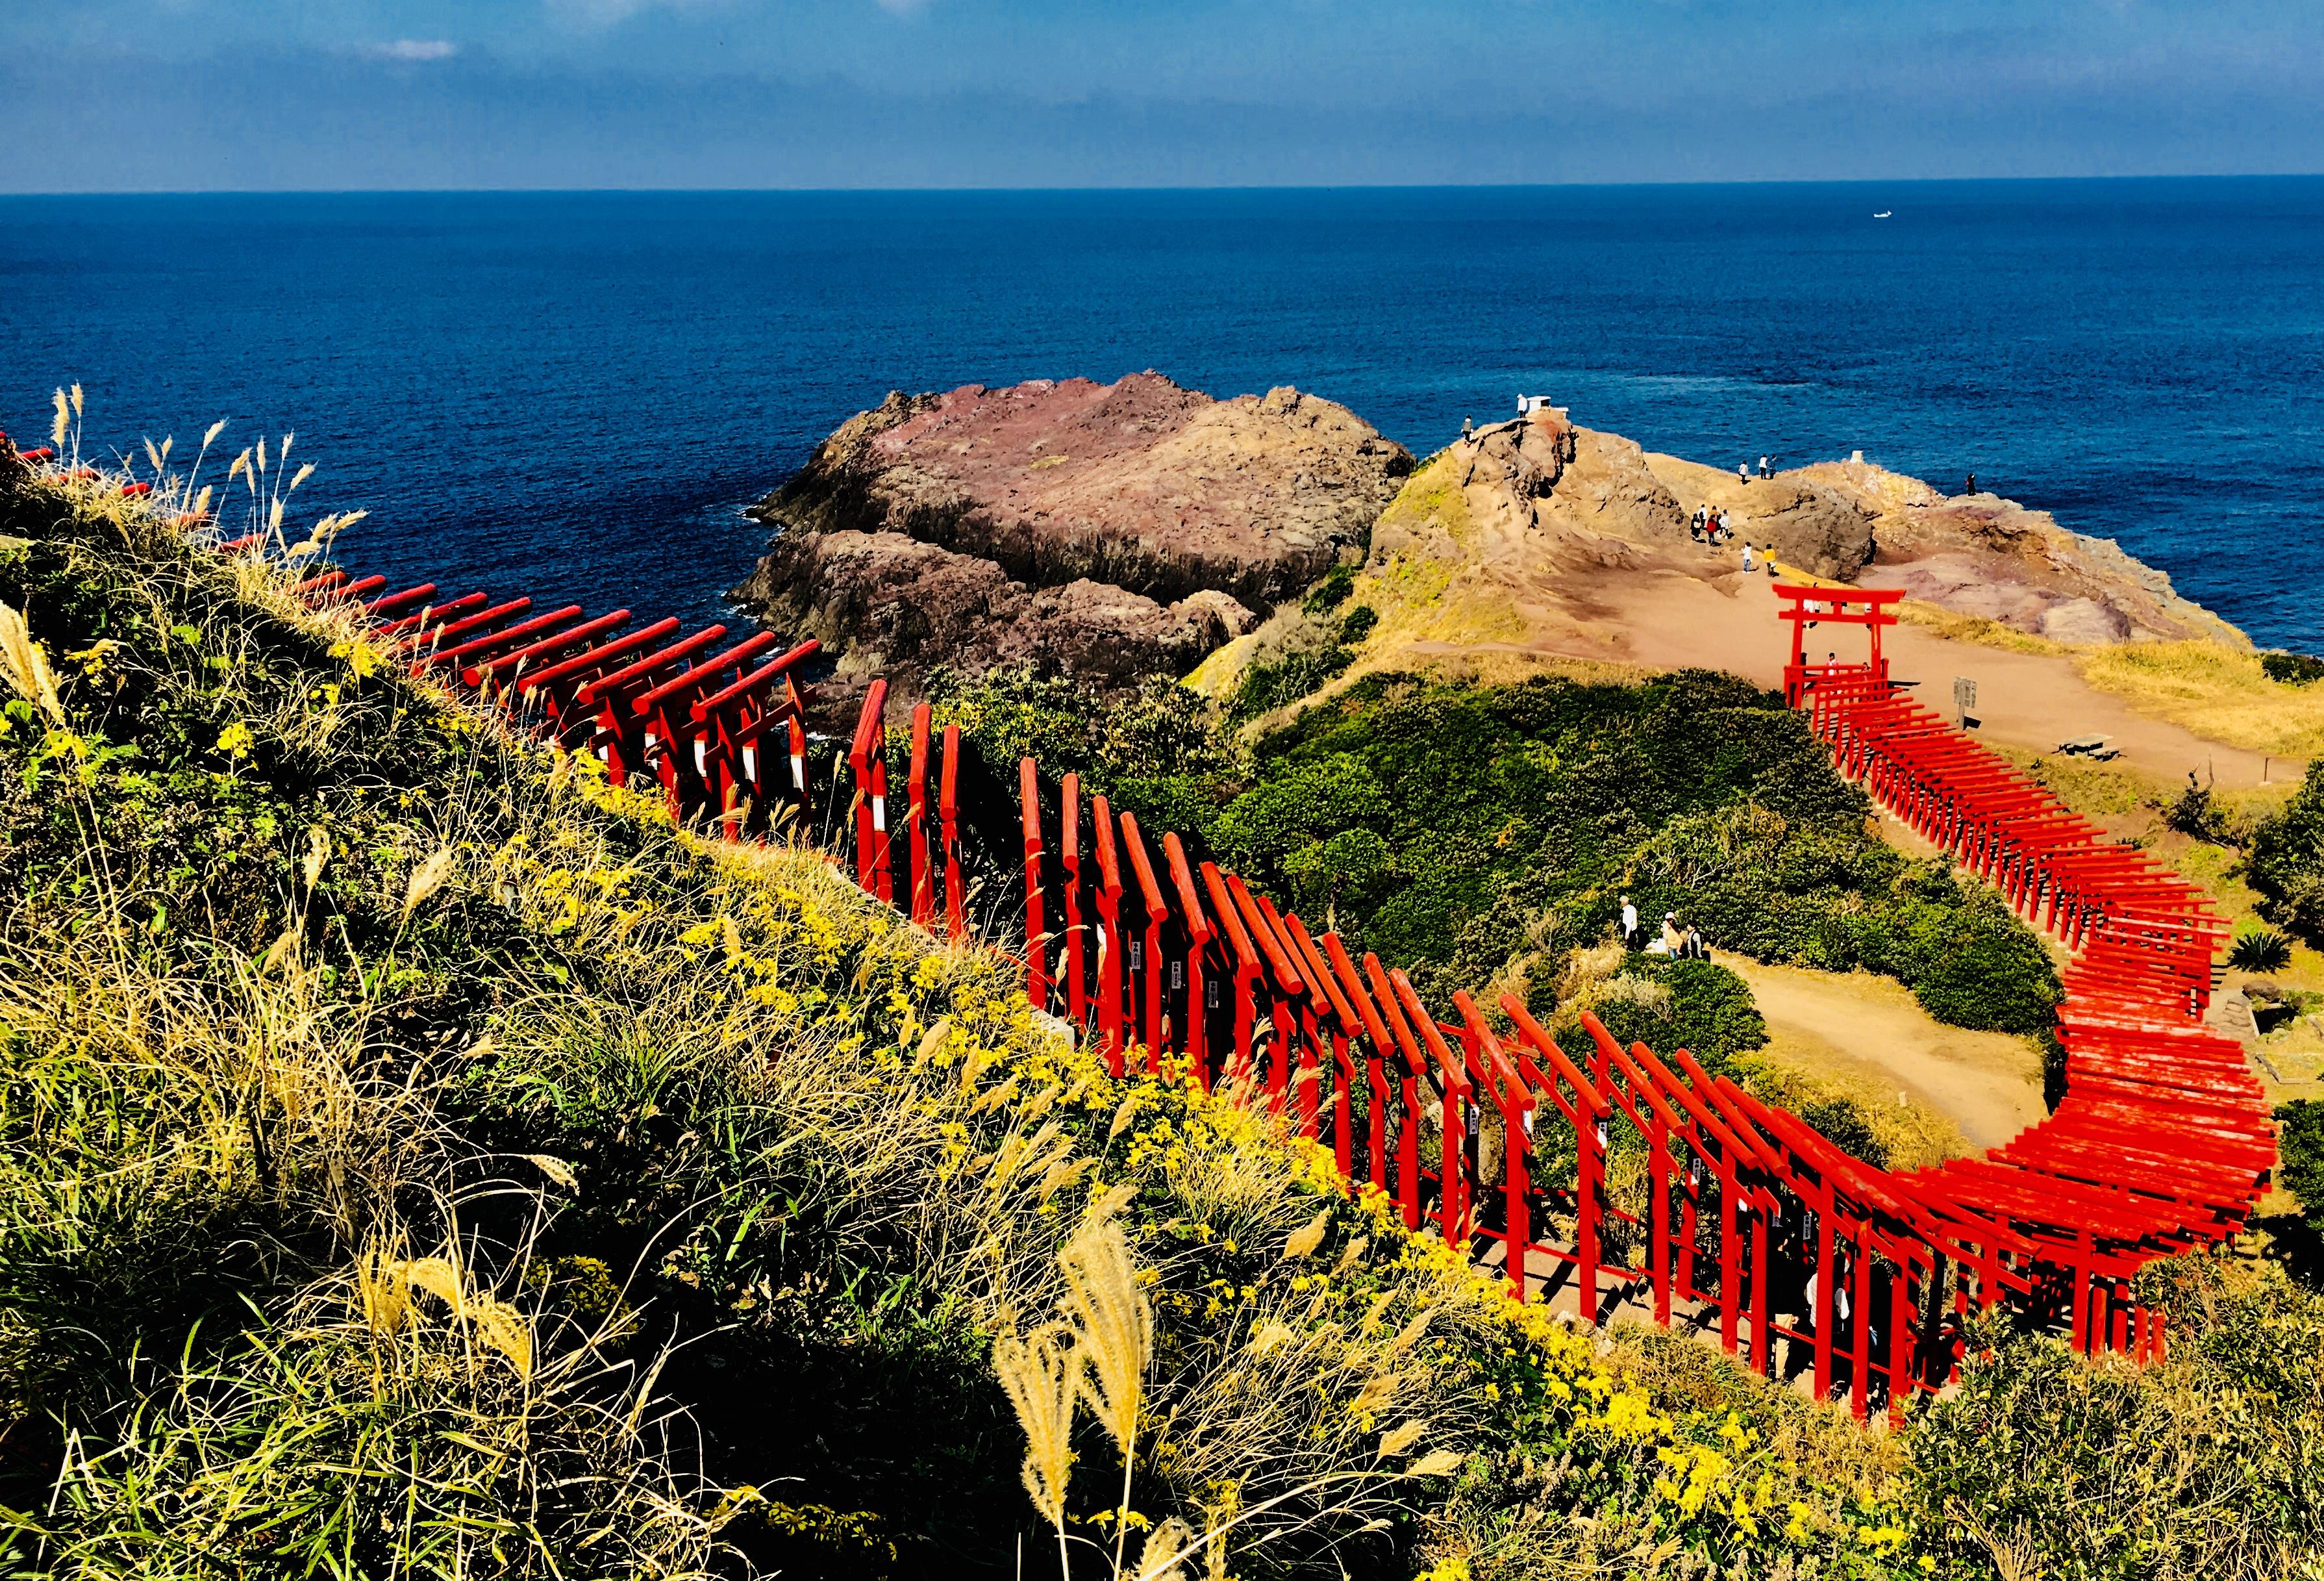 明治維新150年!元乃隅稲成神社や角島大橋の山口絶景巡り